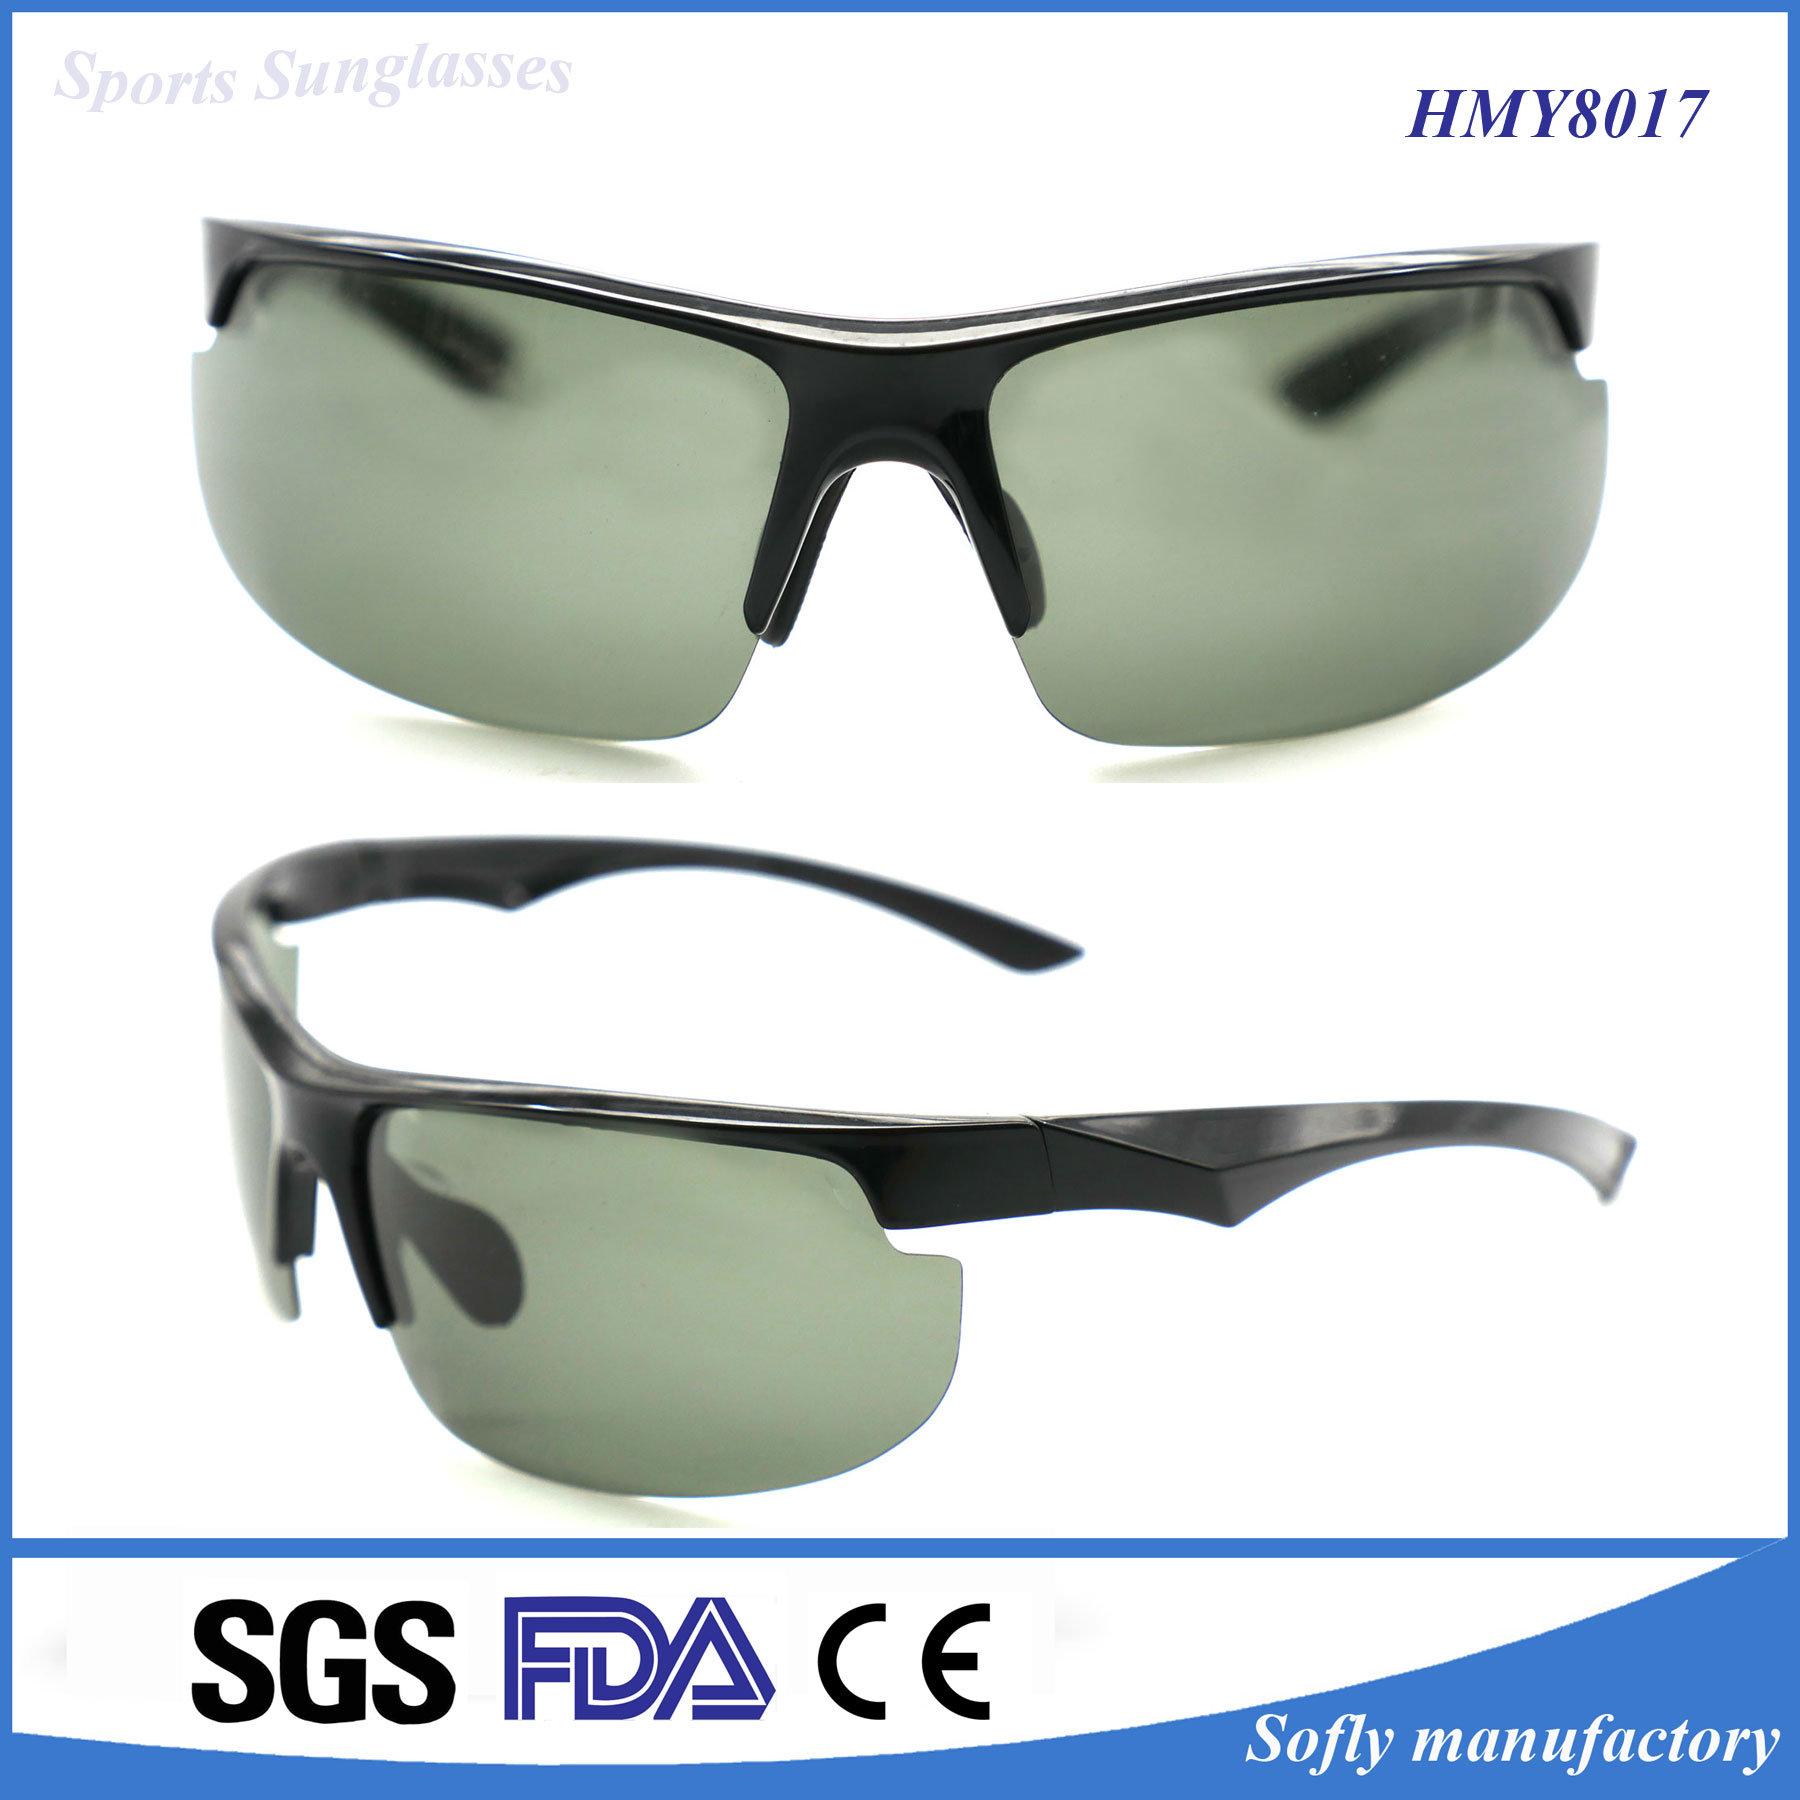 New Designer Cycling Sunglasses with Lightweight Plastics